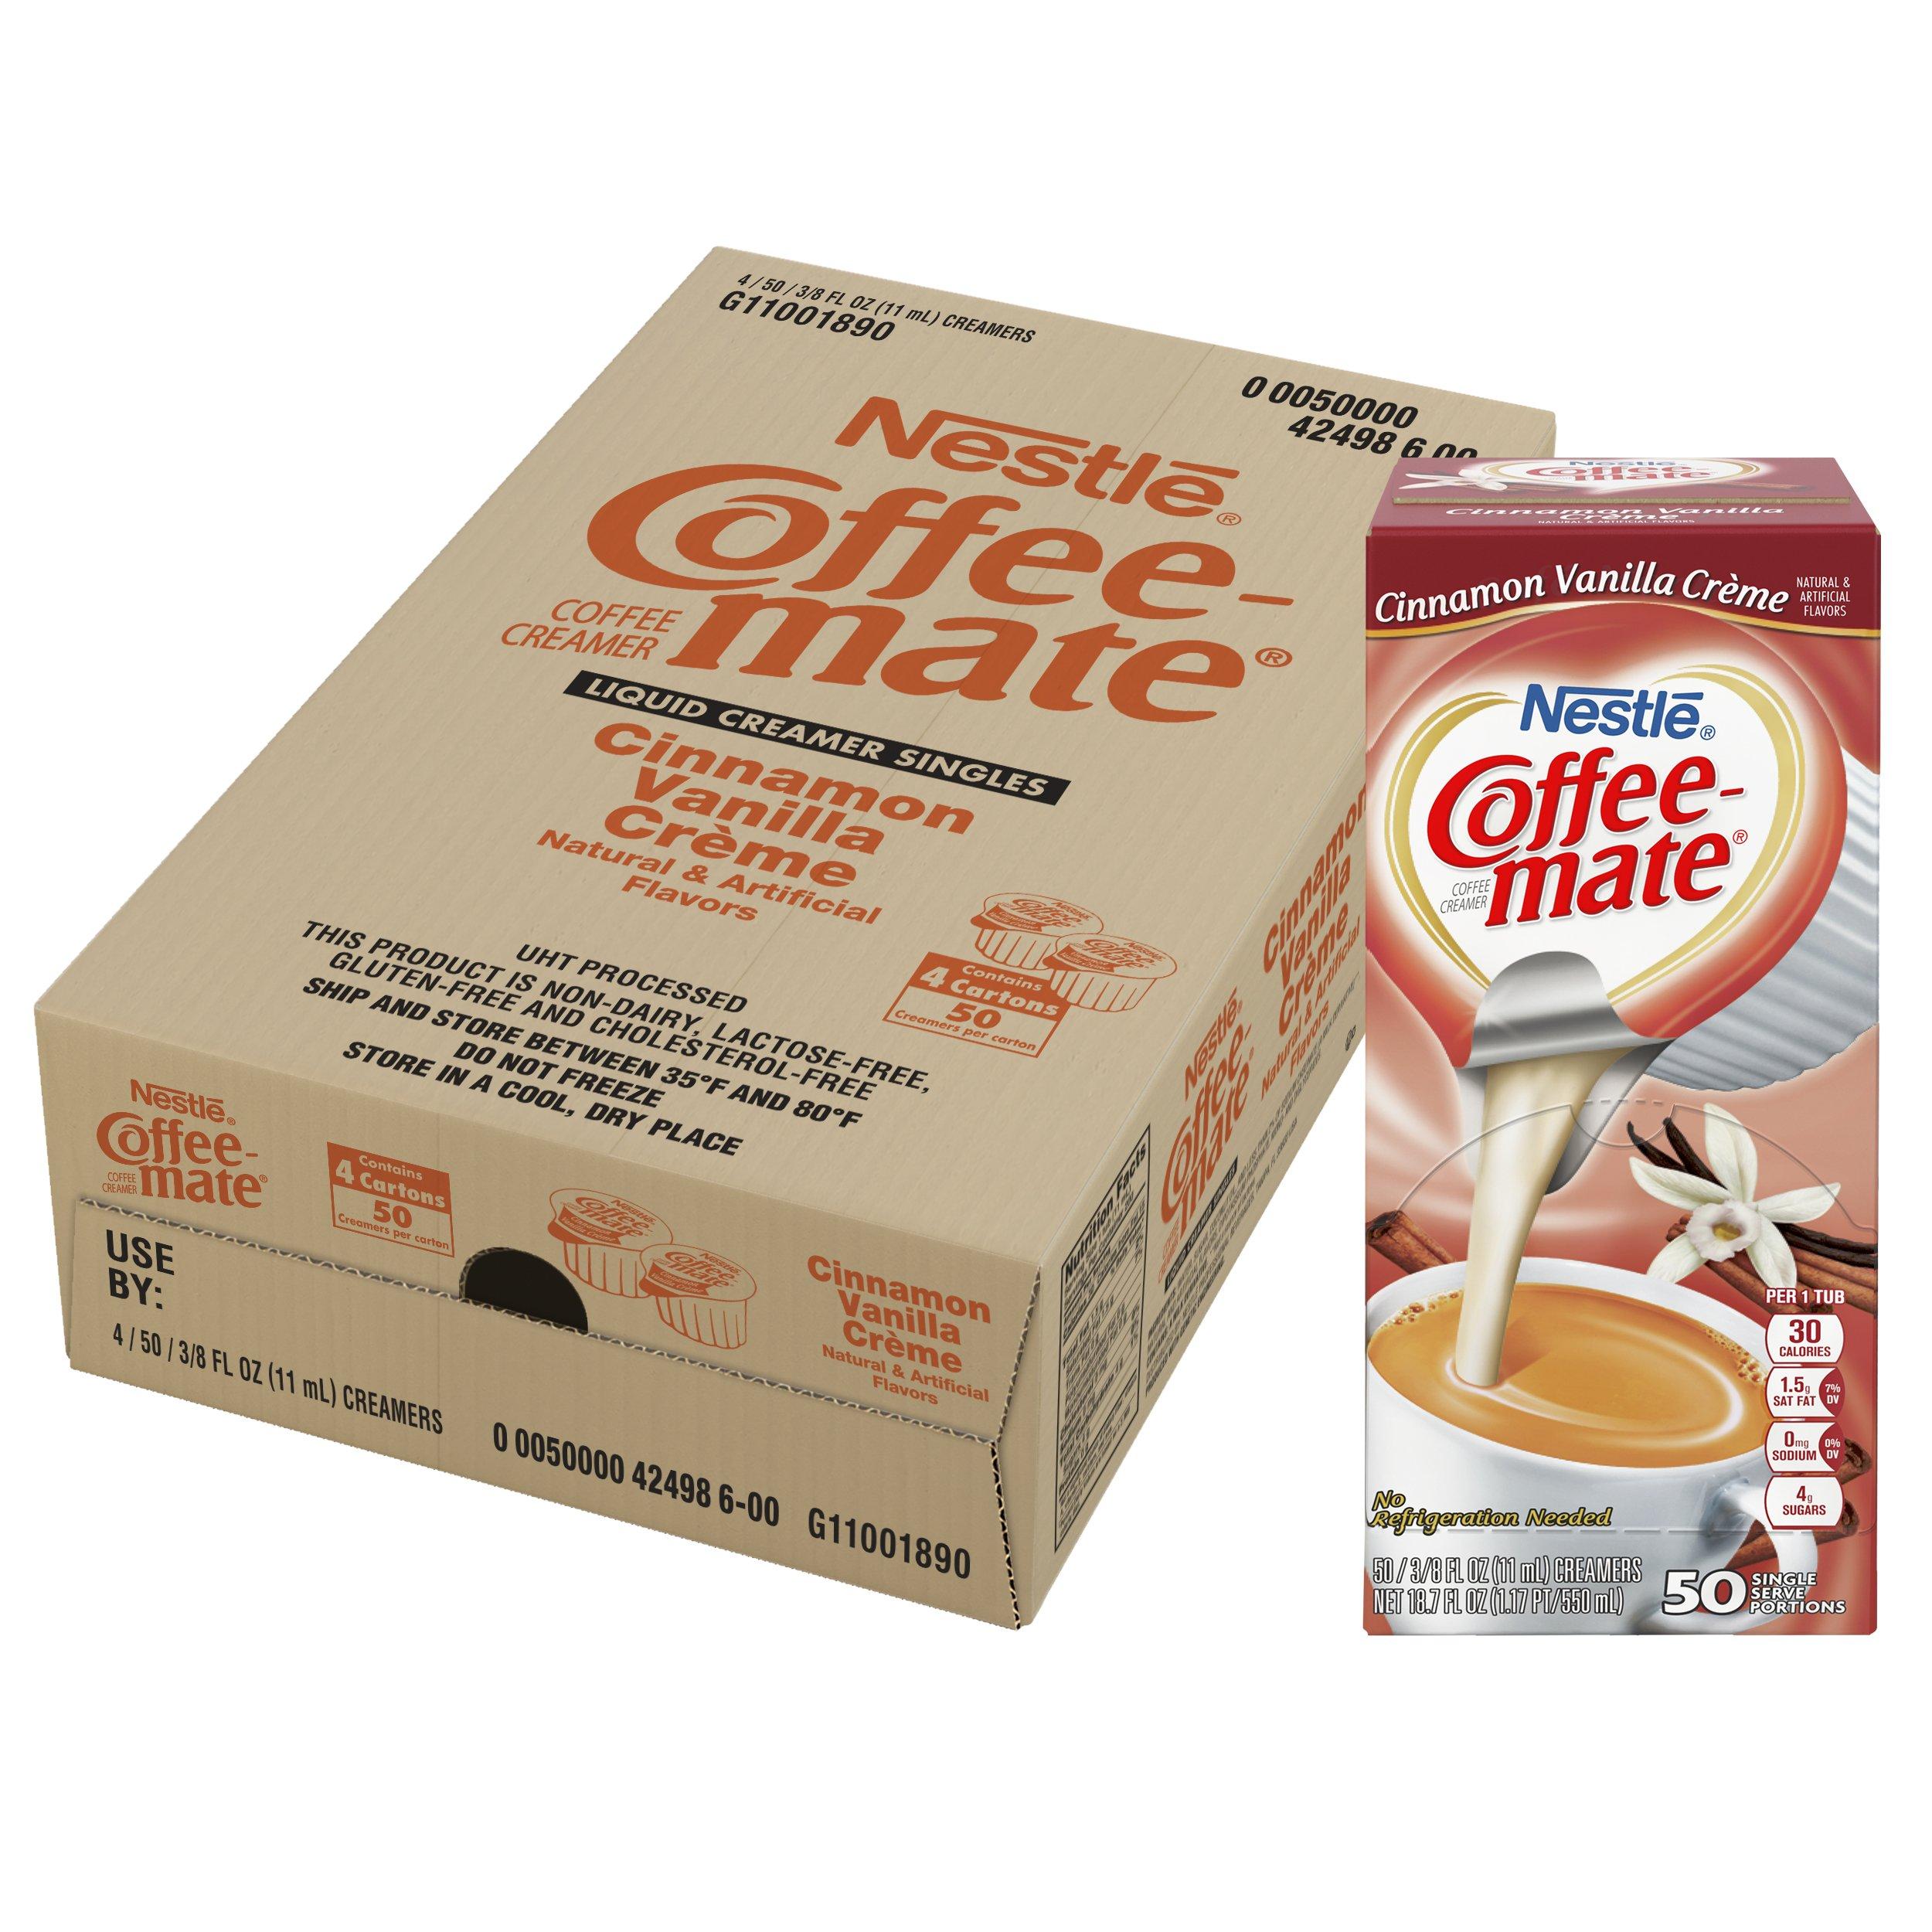 NESTLE COFFEE-MATE Coffee Creamer, Cinnamon Vanilla Creme, 0.375oz liquid creamer singles, 50 Per Box (Case of 4 Boxes) by Nestle Coffee Mate (Image #6)